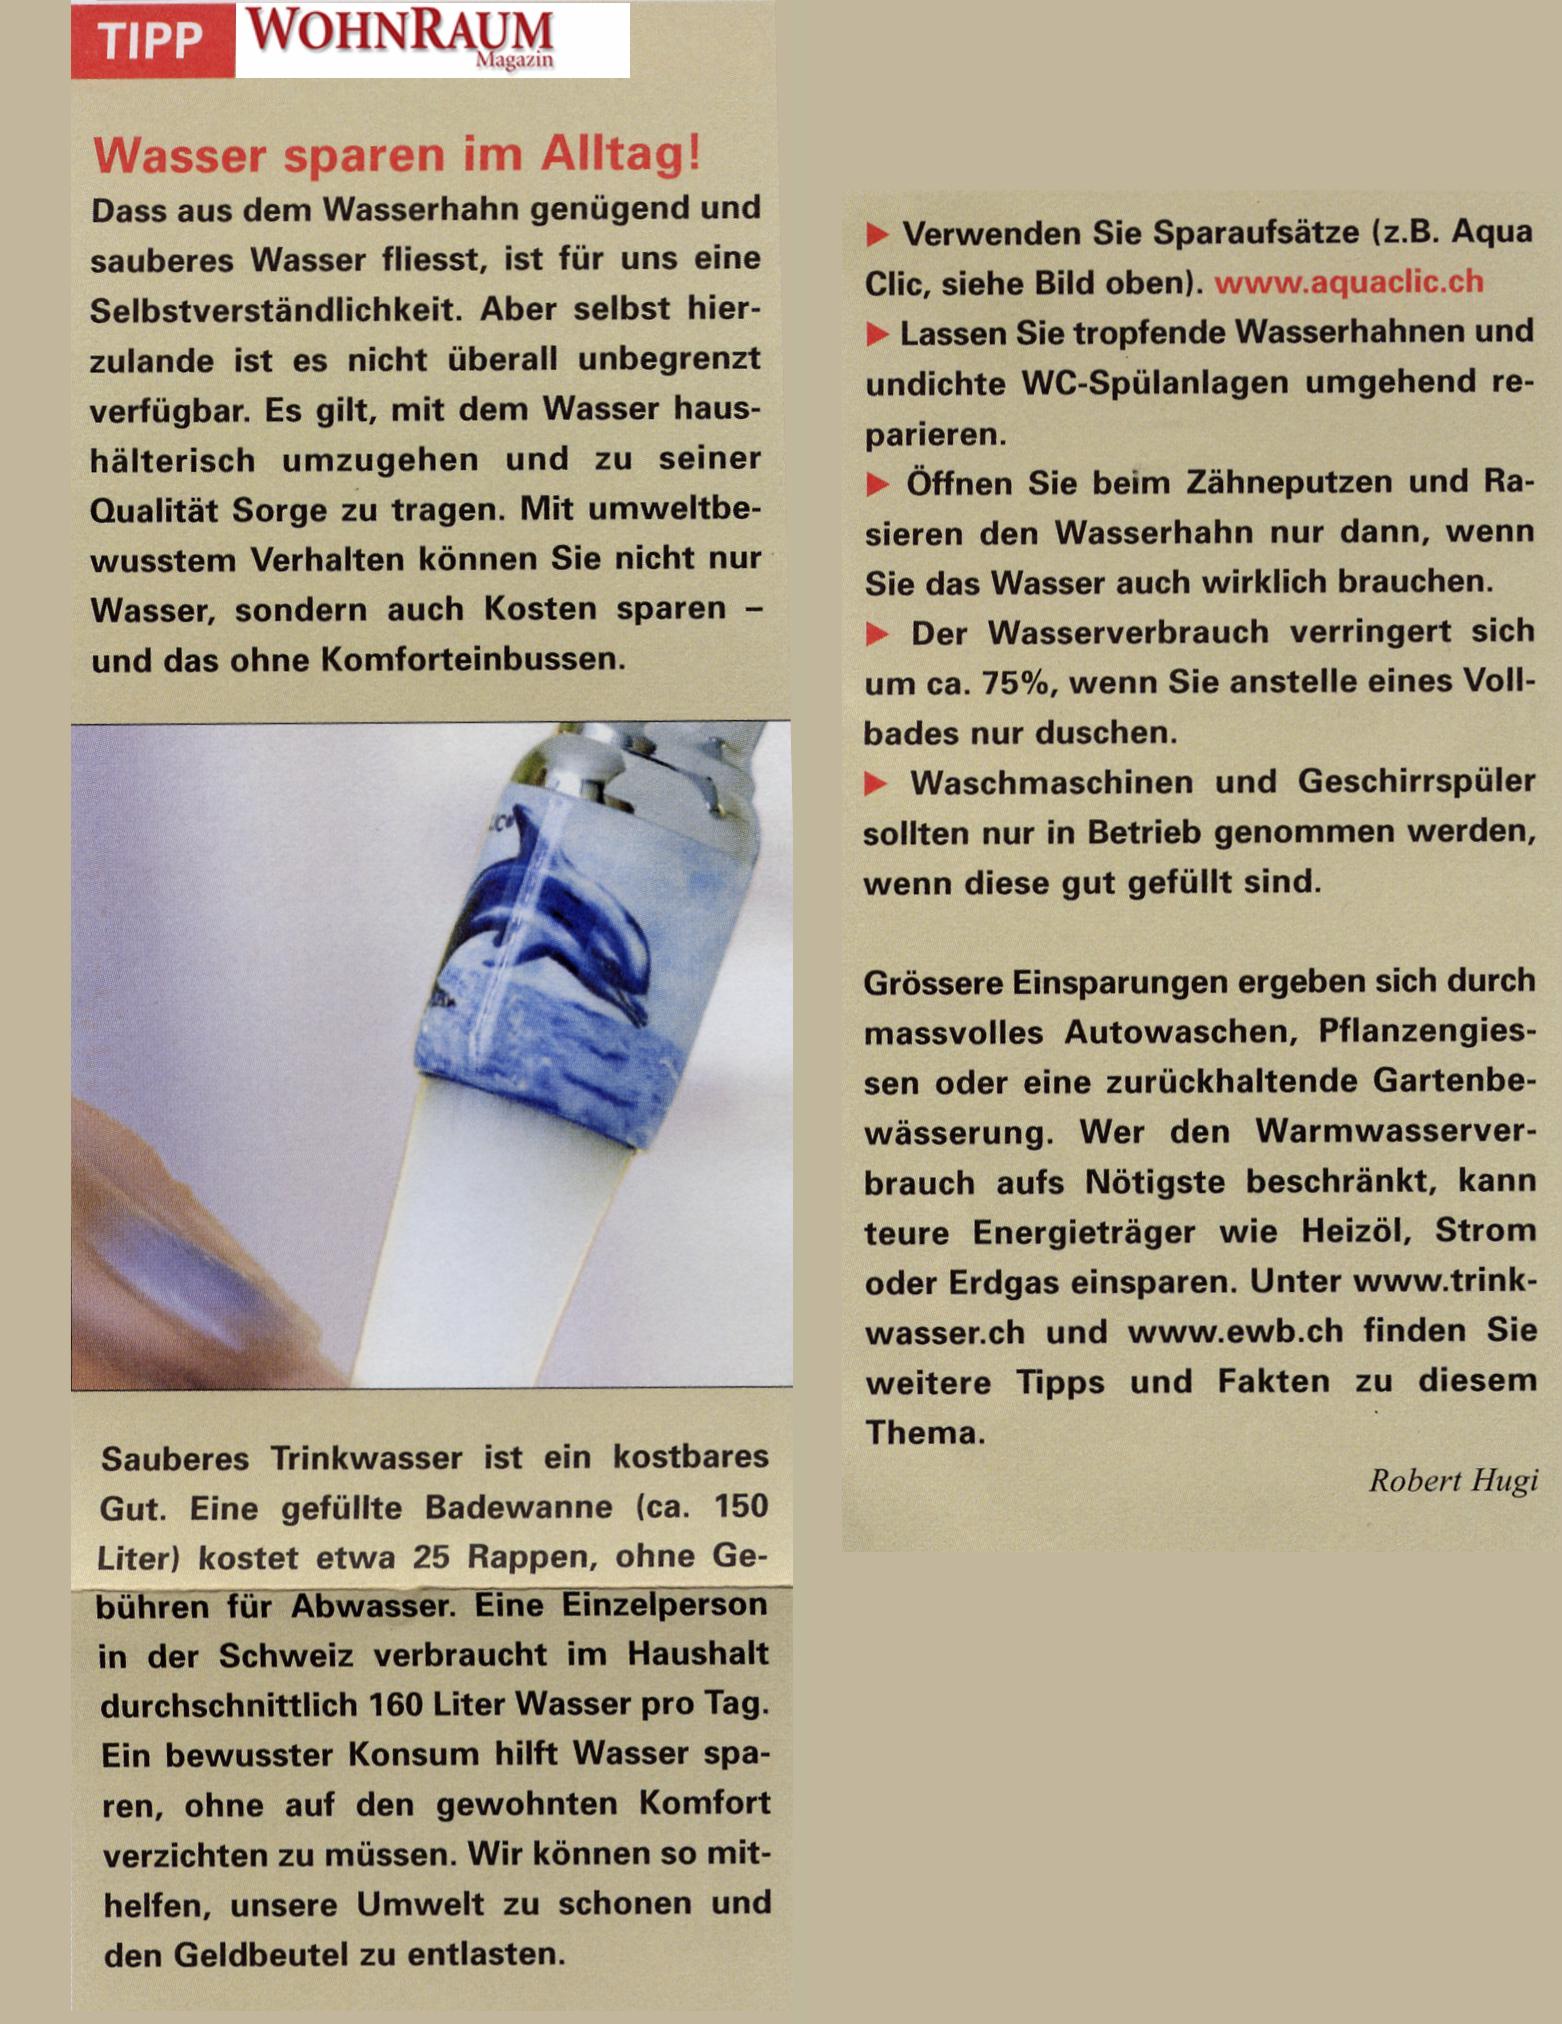 Wohnraum Tipps zum Wassersparen